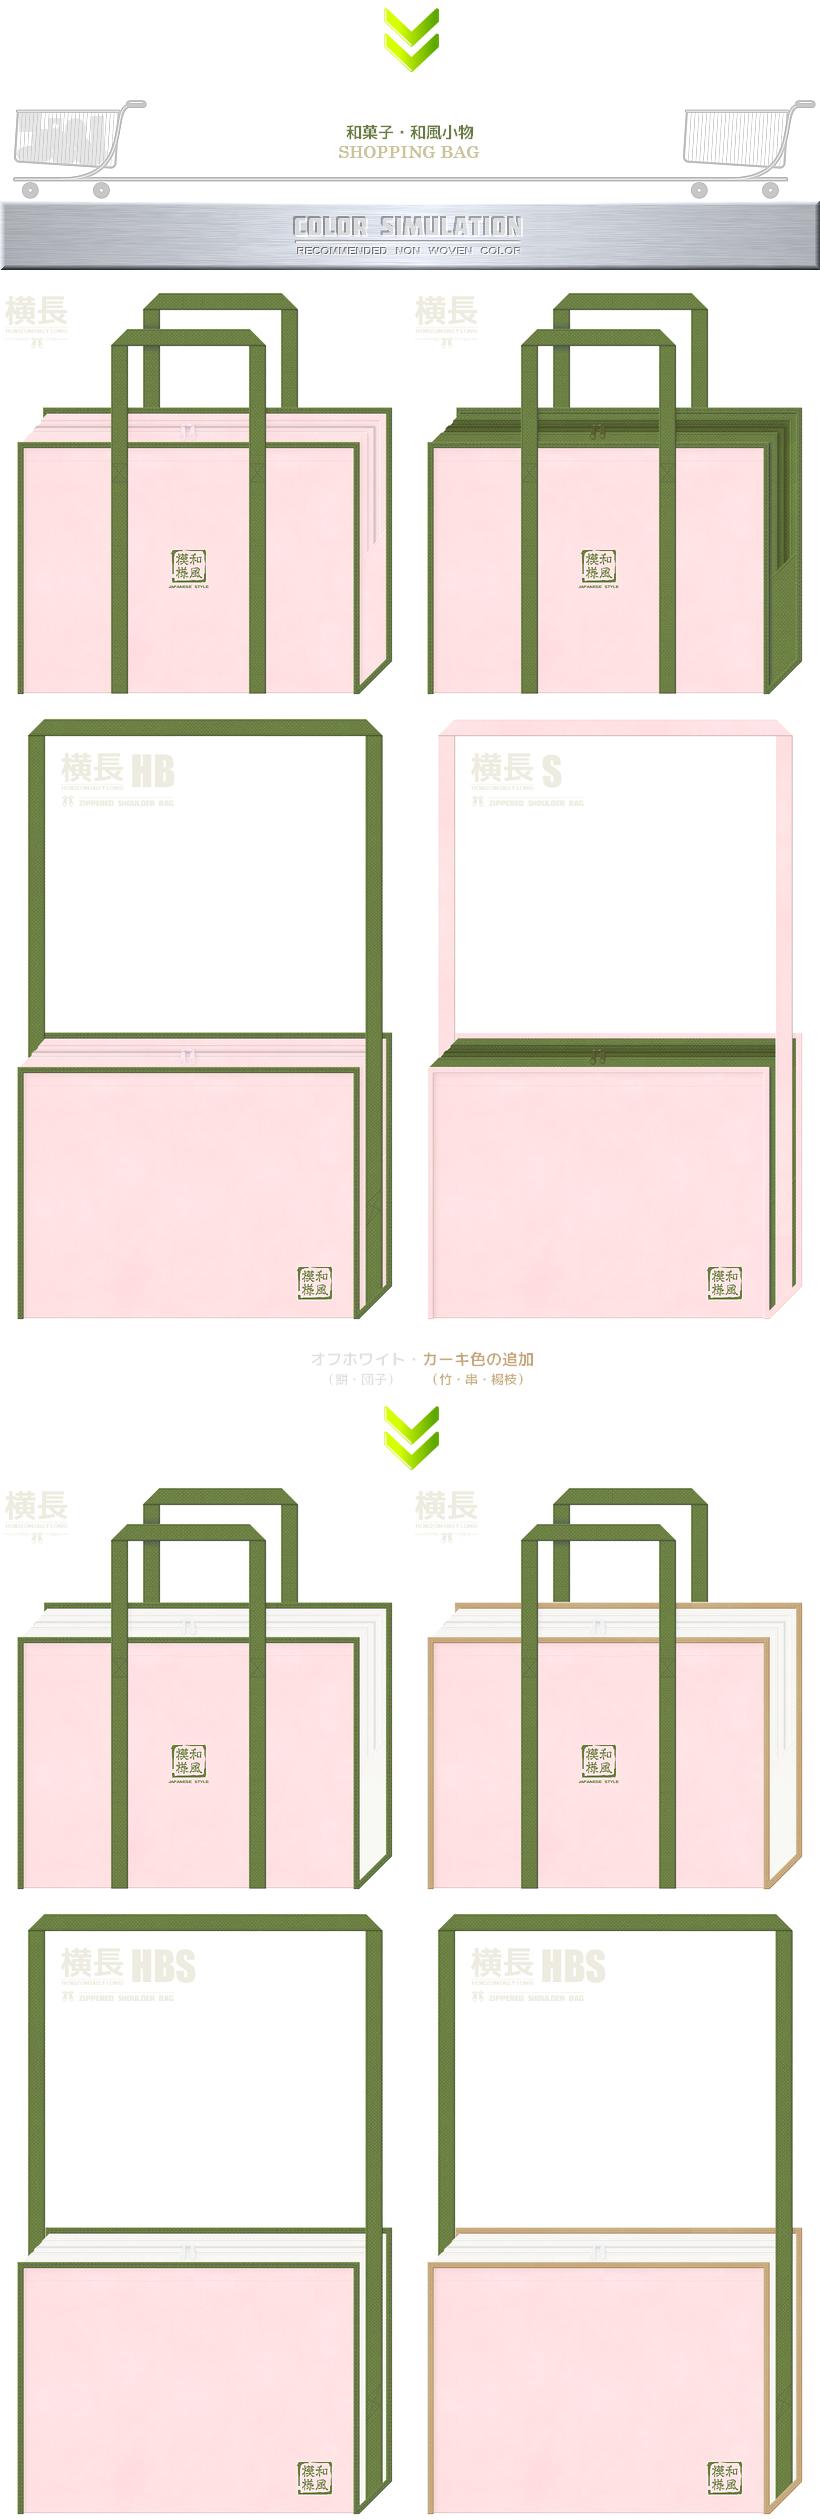 桜色と草色をメインに使用した不織布バッグのカラーシミュレーション:和風小物・和菓子のショッピングバッグ